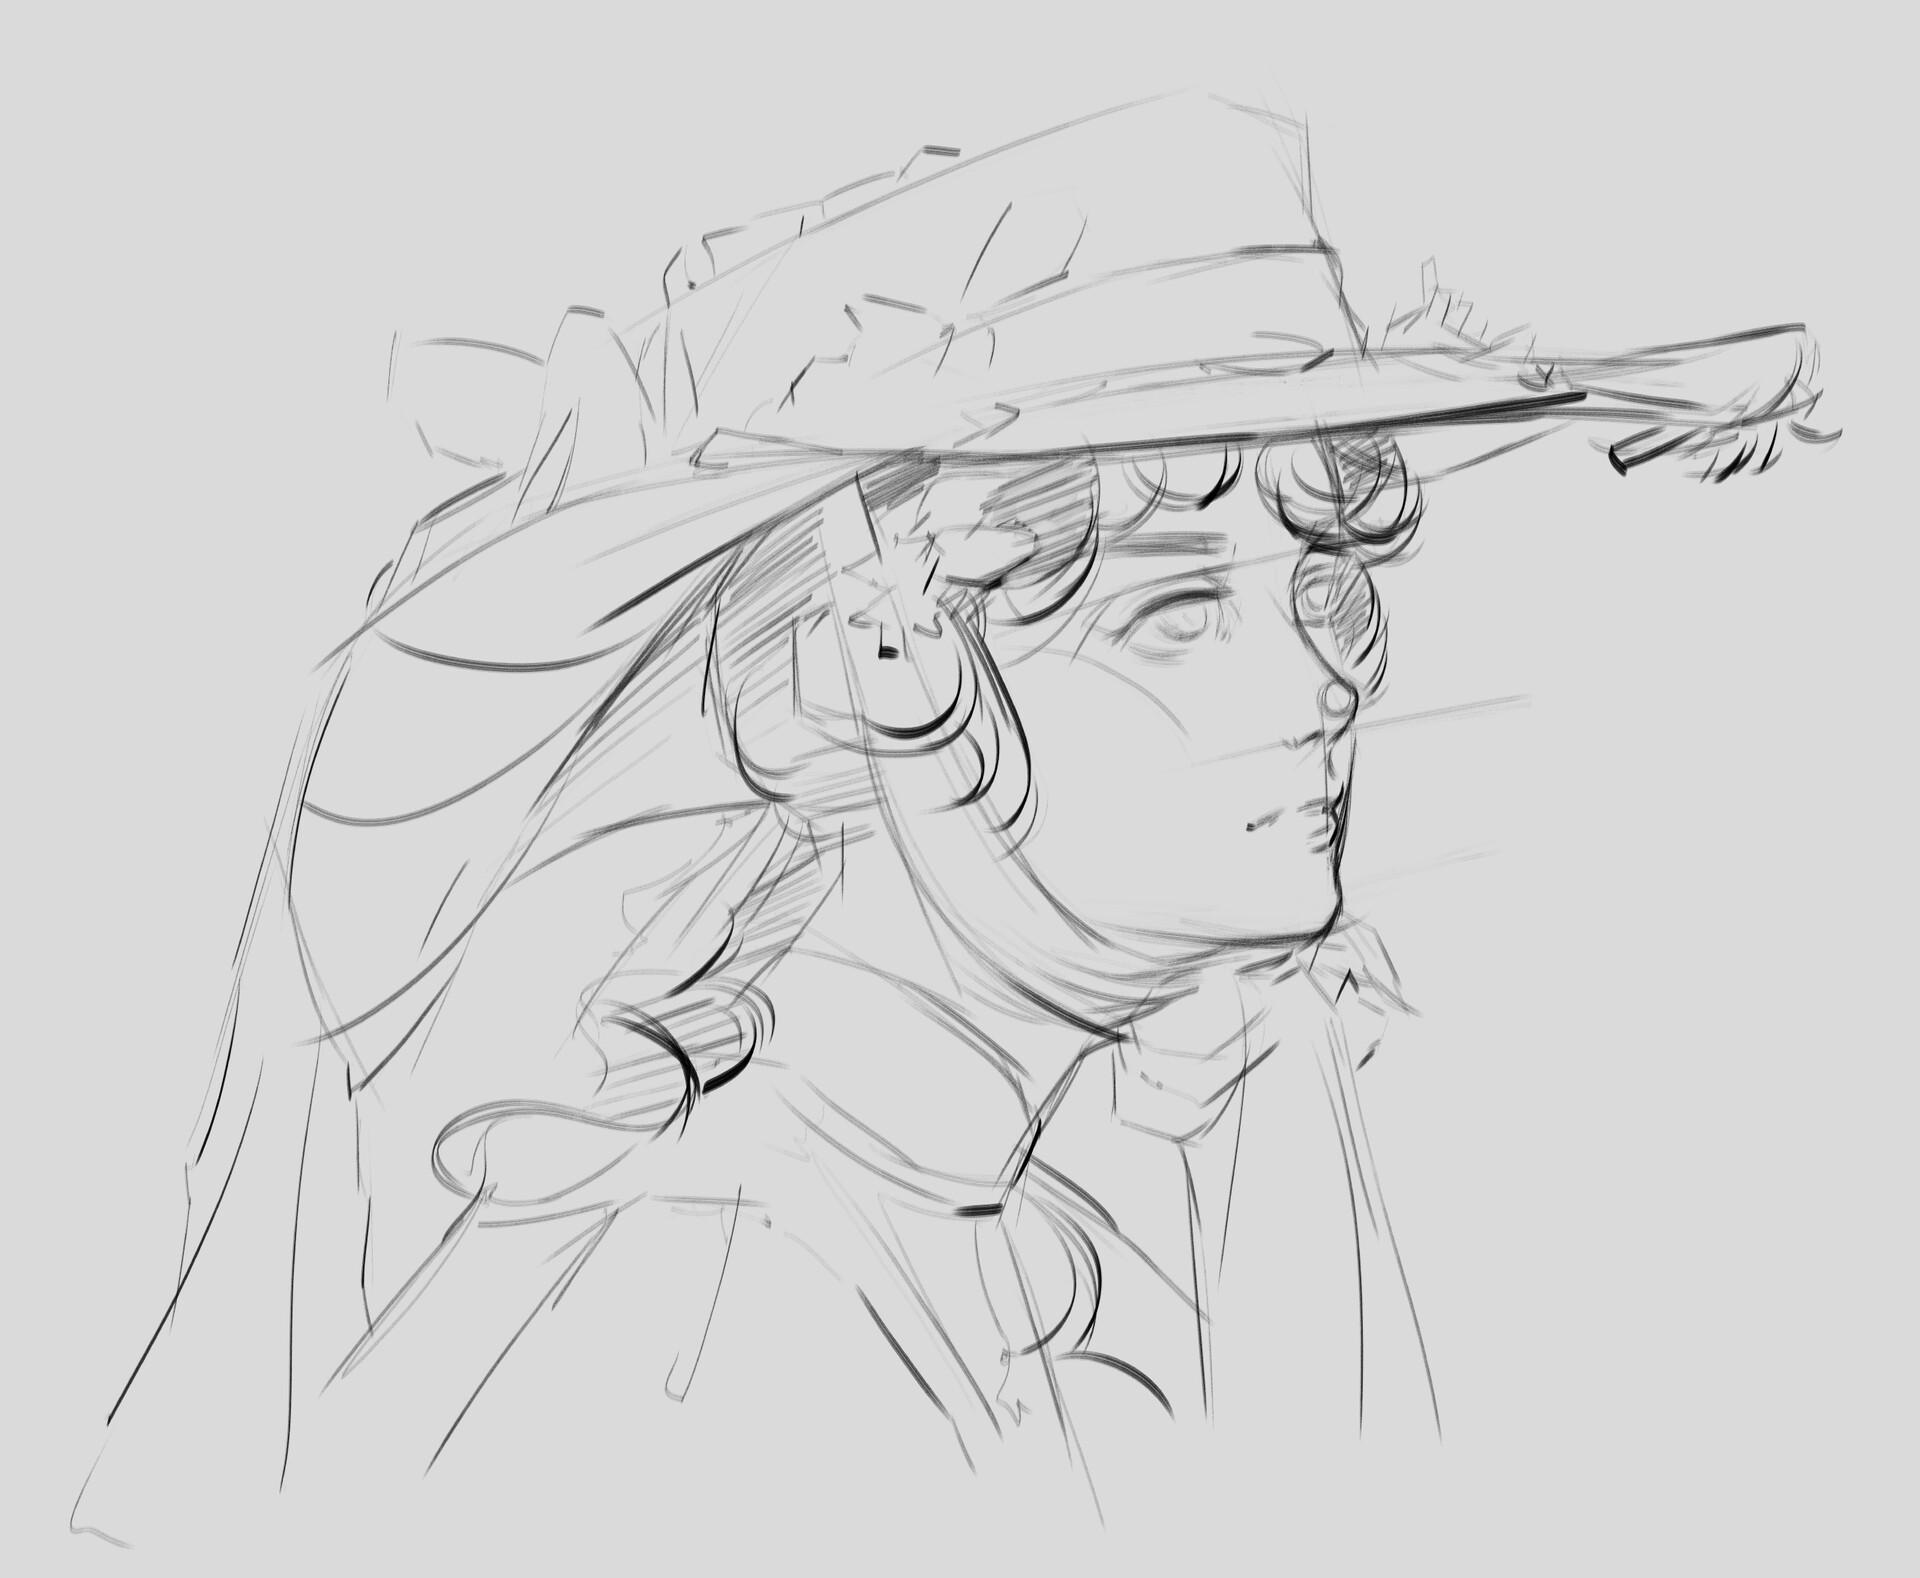 Jeks i portrait sketch 2560px